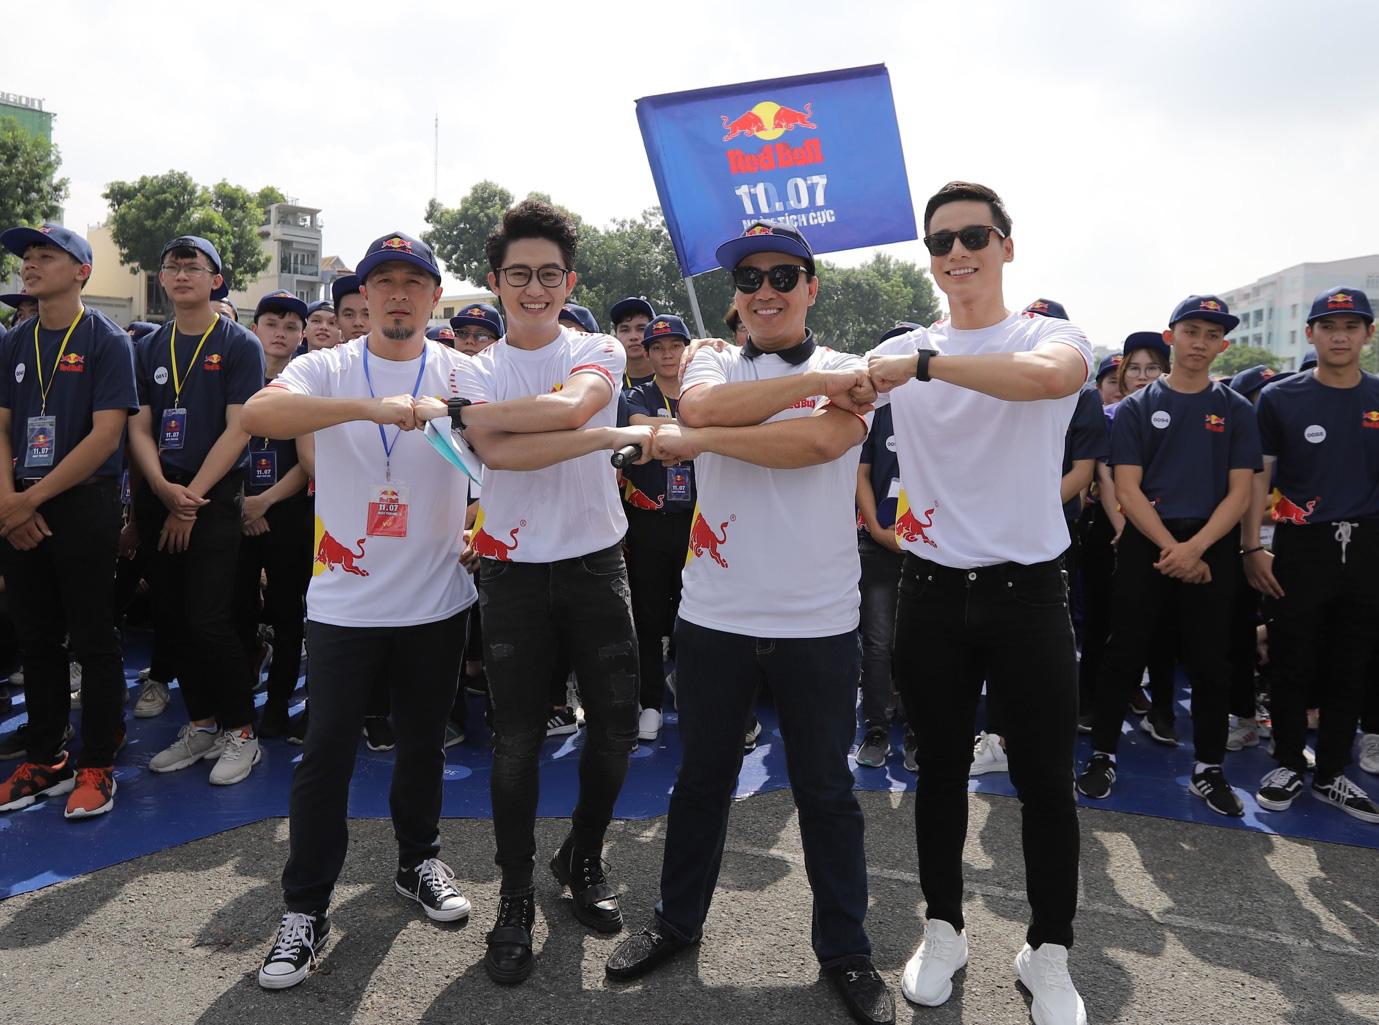 Red Bull tạo dấu ấn với Ngày Tích Cực, xác lập kỷ lục châu Á để lan tỏa năng lượng tích cực khắp Việt Nam - Ảnh 2.